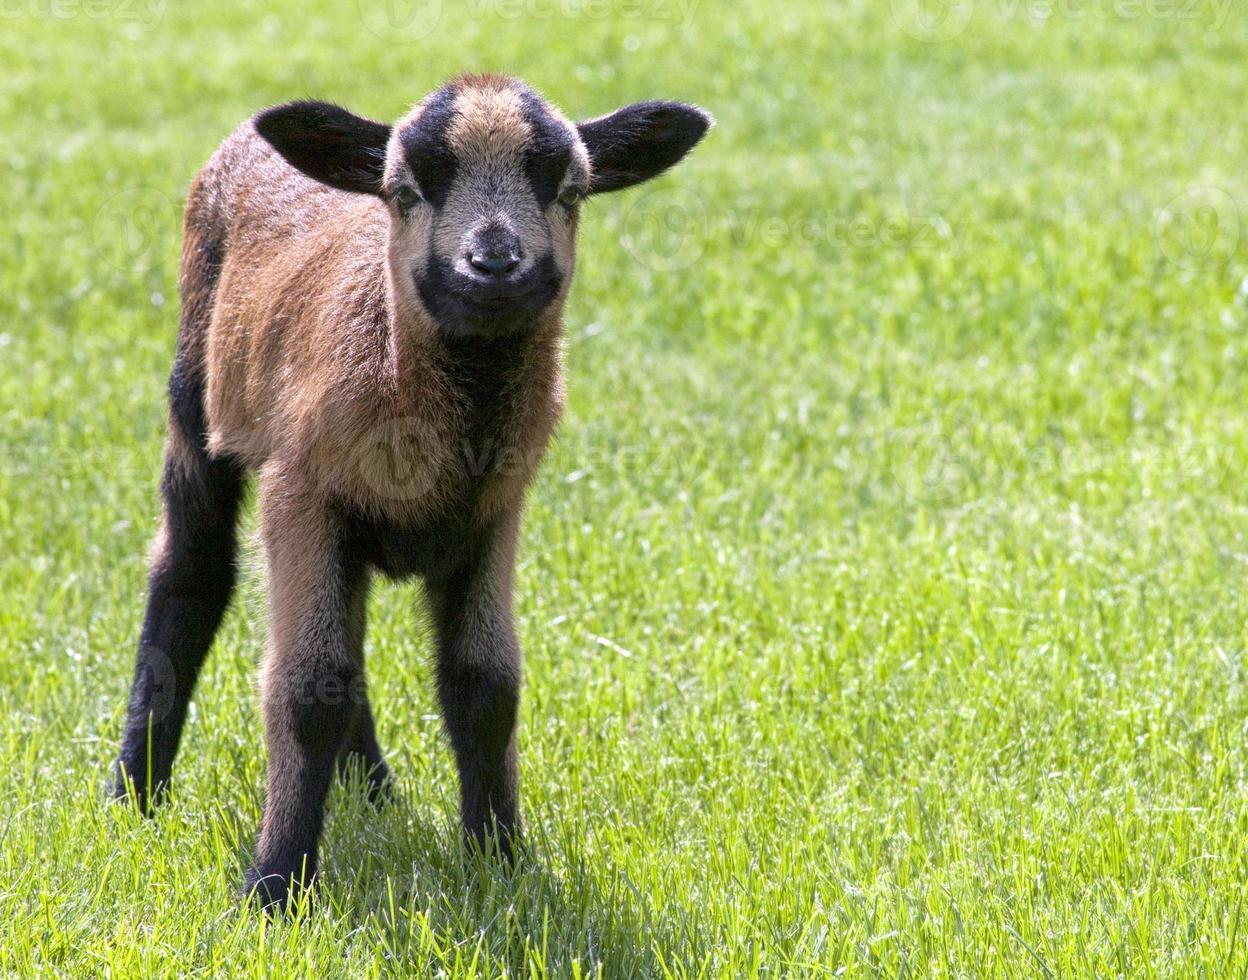 Sheep close up photo